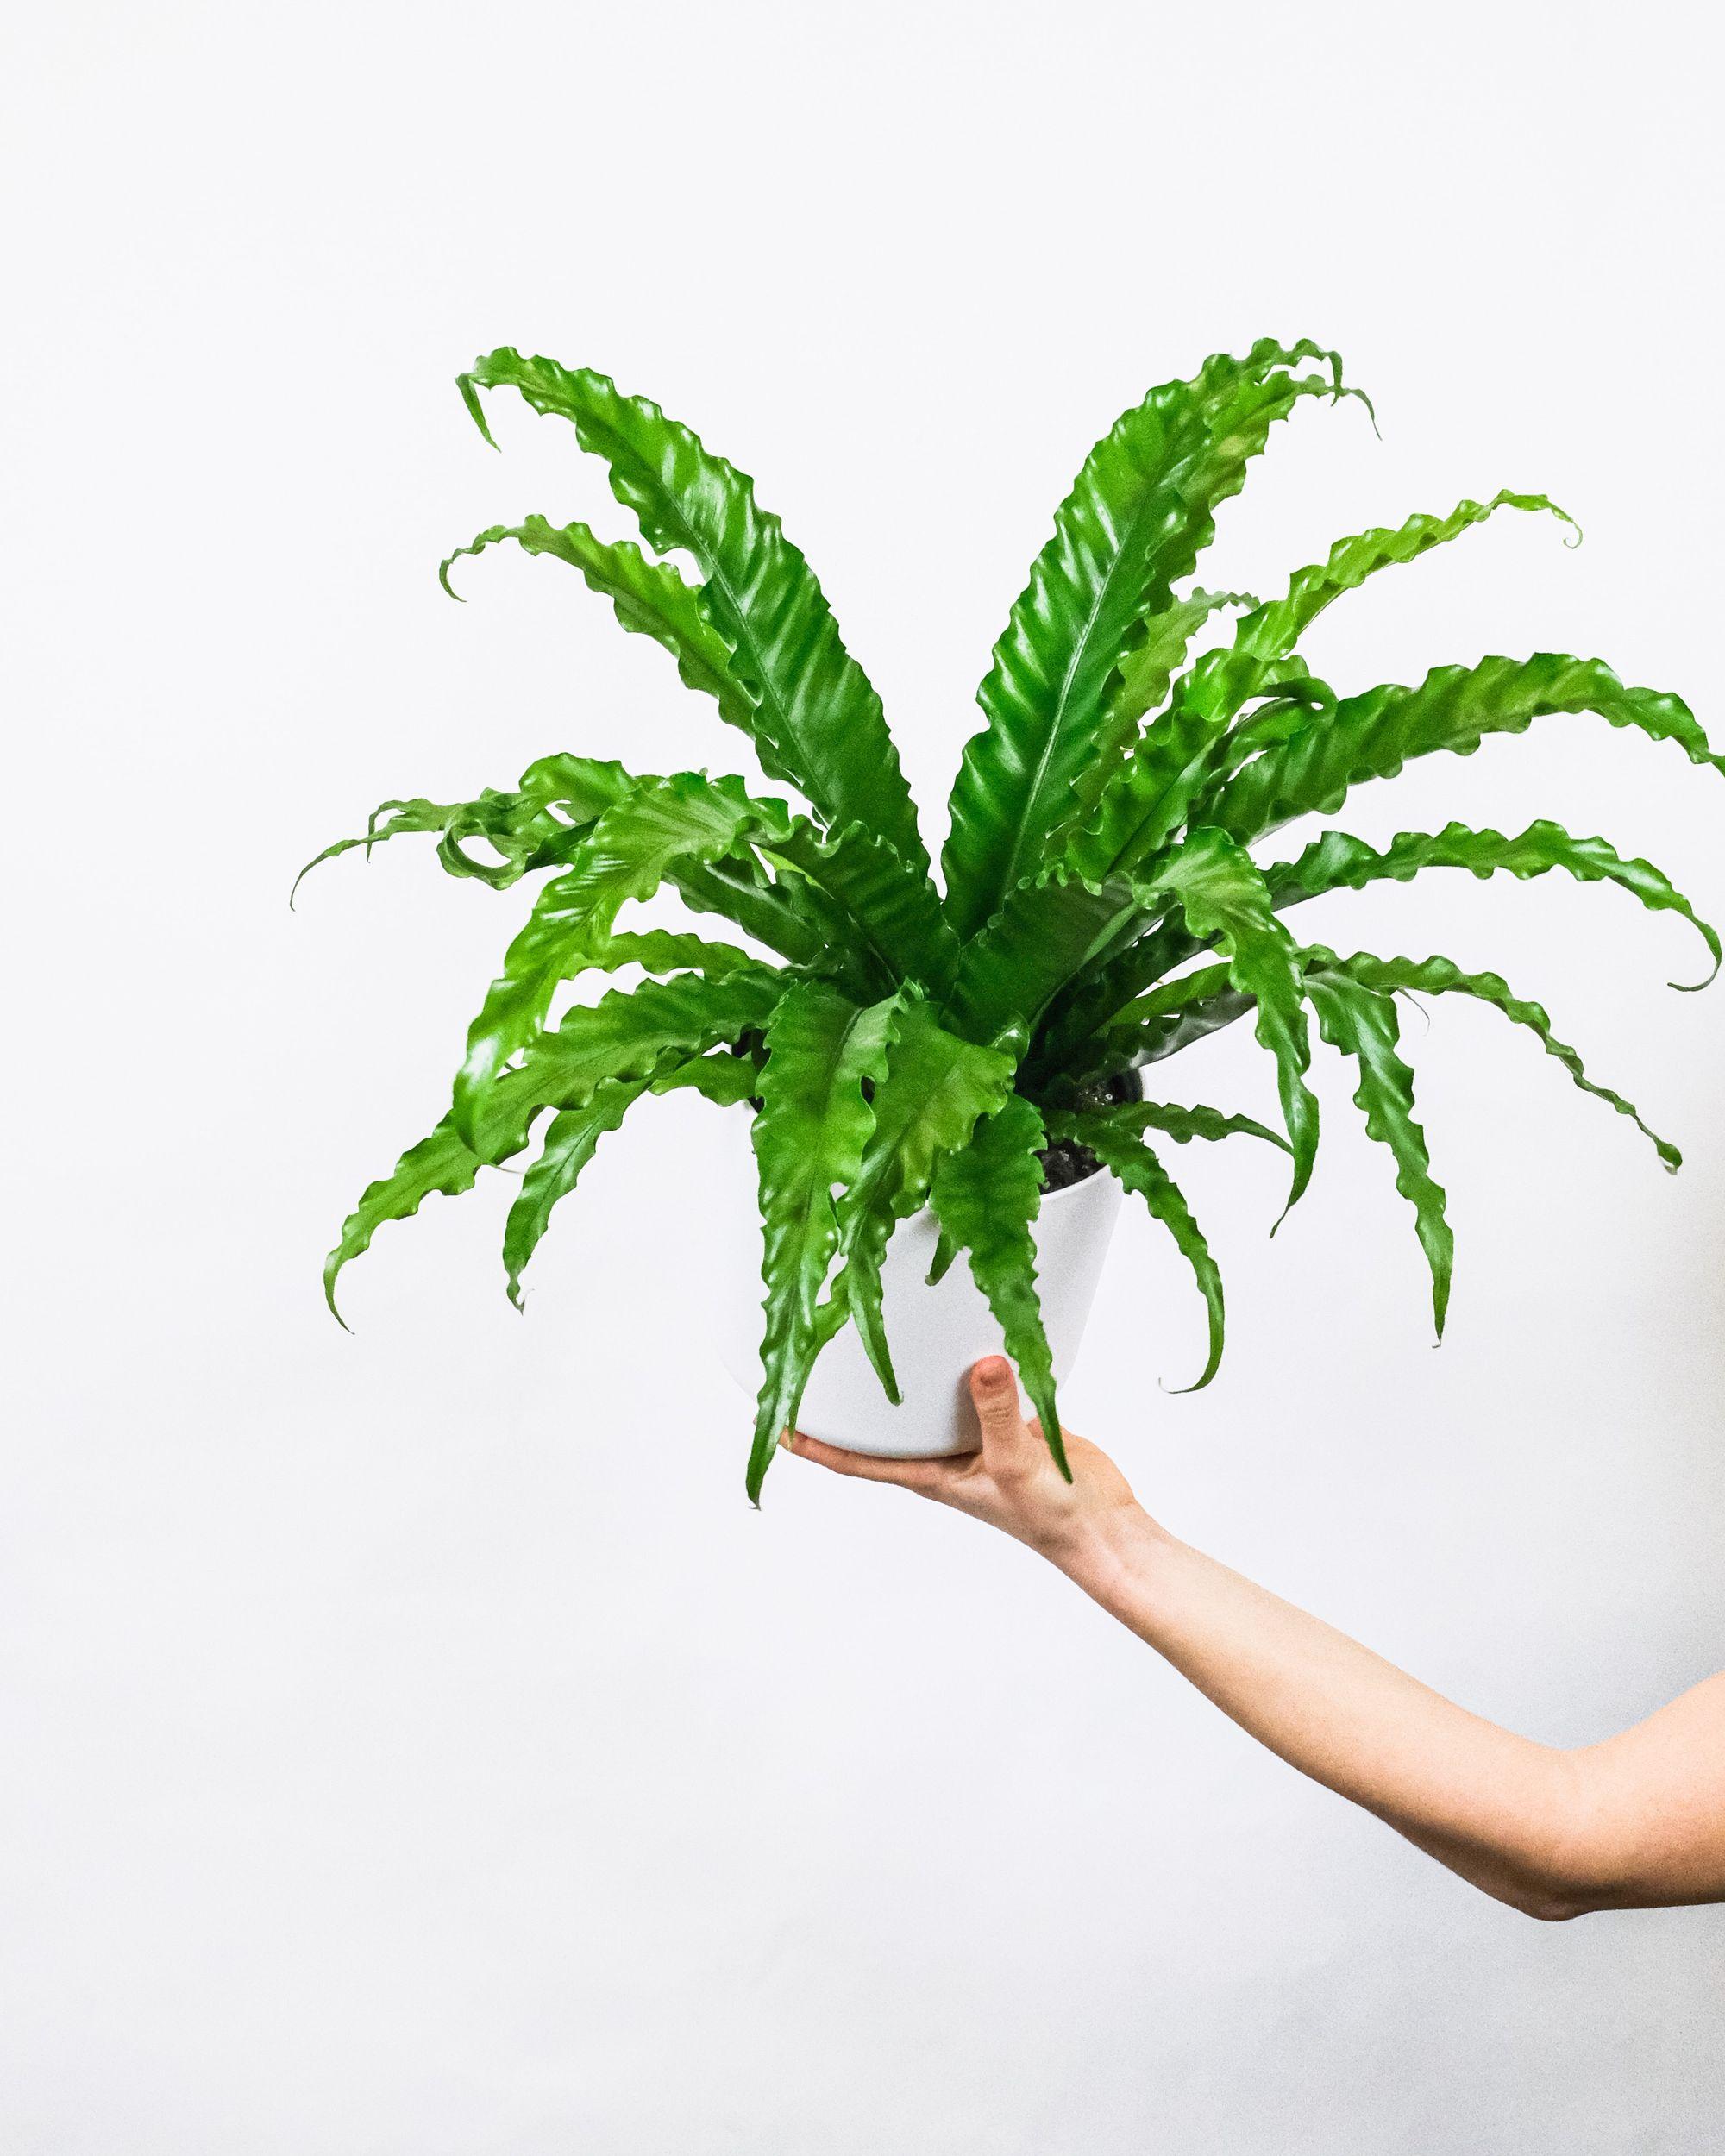 A woman's hand holding the asplenium nidus aka the bird's nest fern